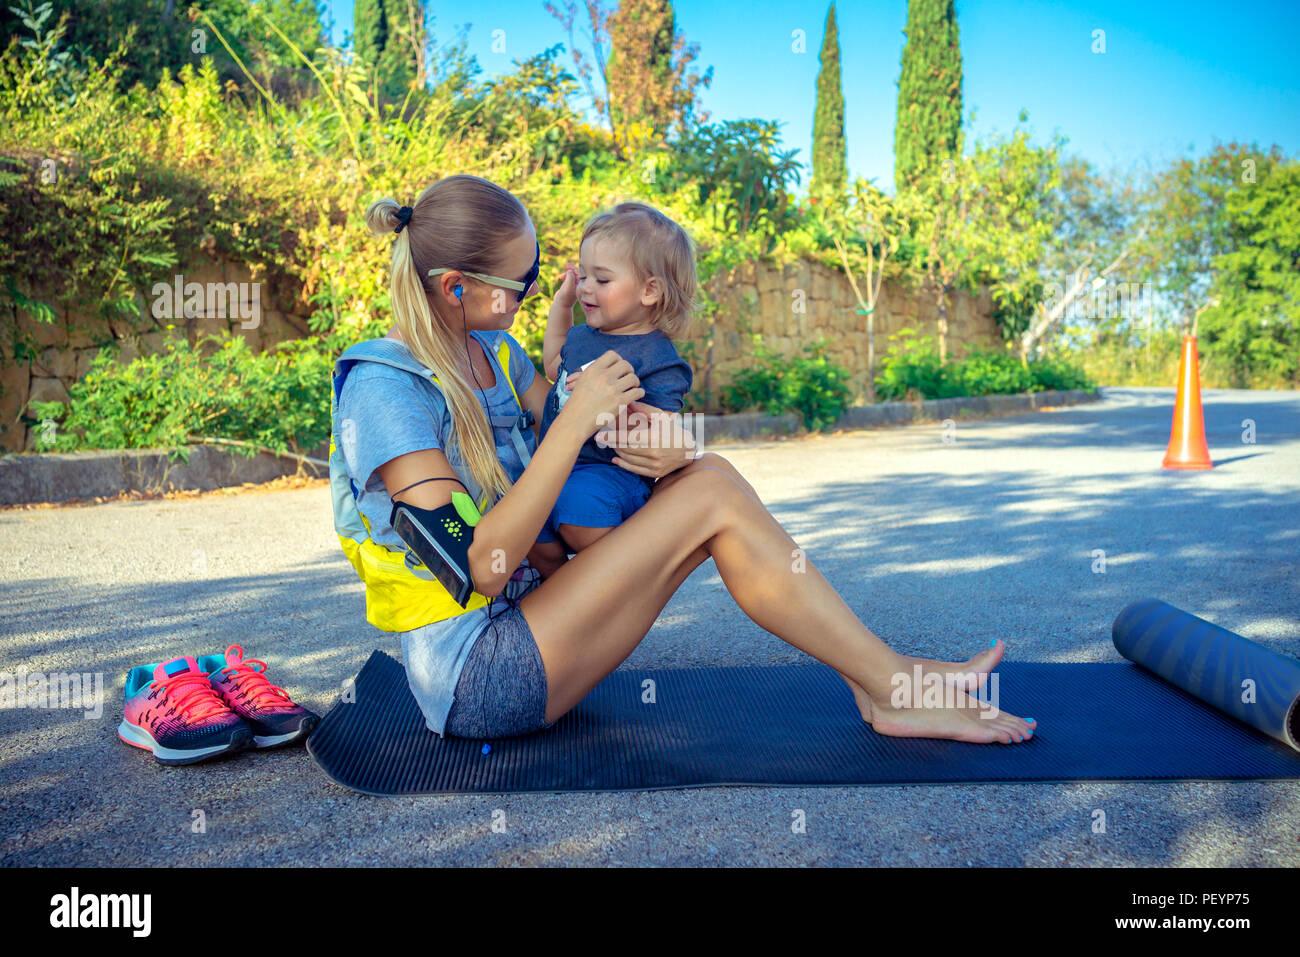 Mutter mit Baby tun Übung draußen im Park in hellen, sonnigen Tag, glückliche Familie zusammen Sport, gesunde aktive Leben Stockbild